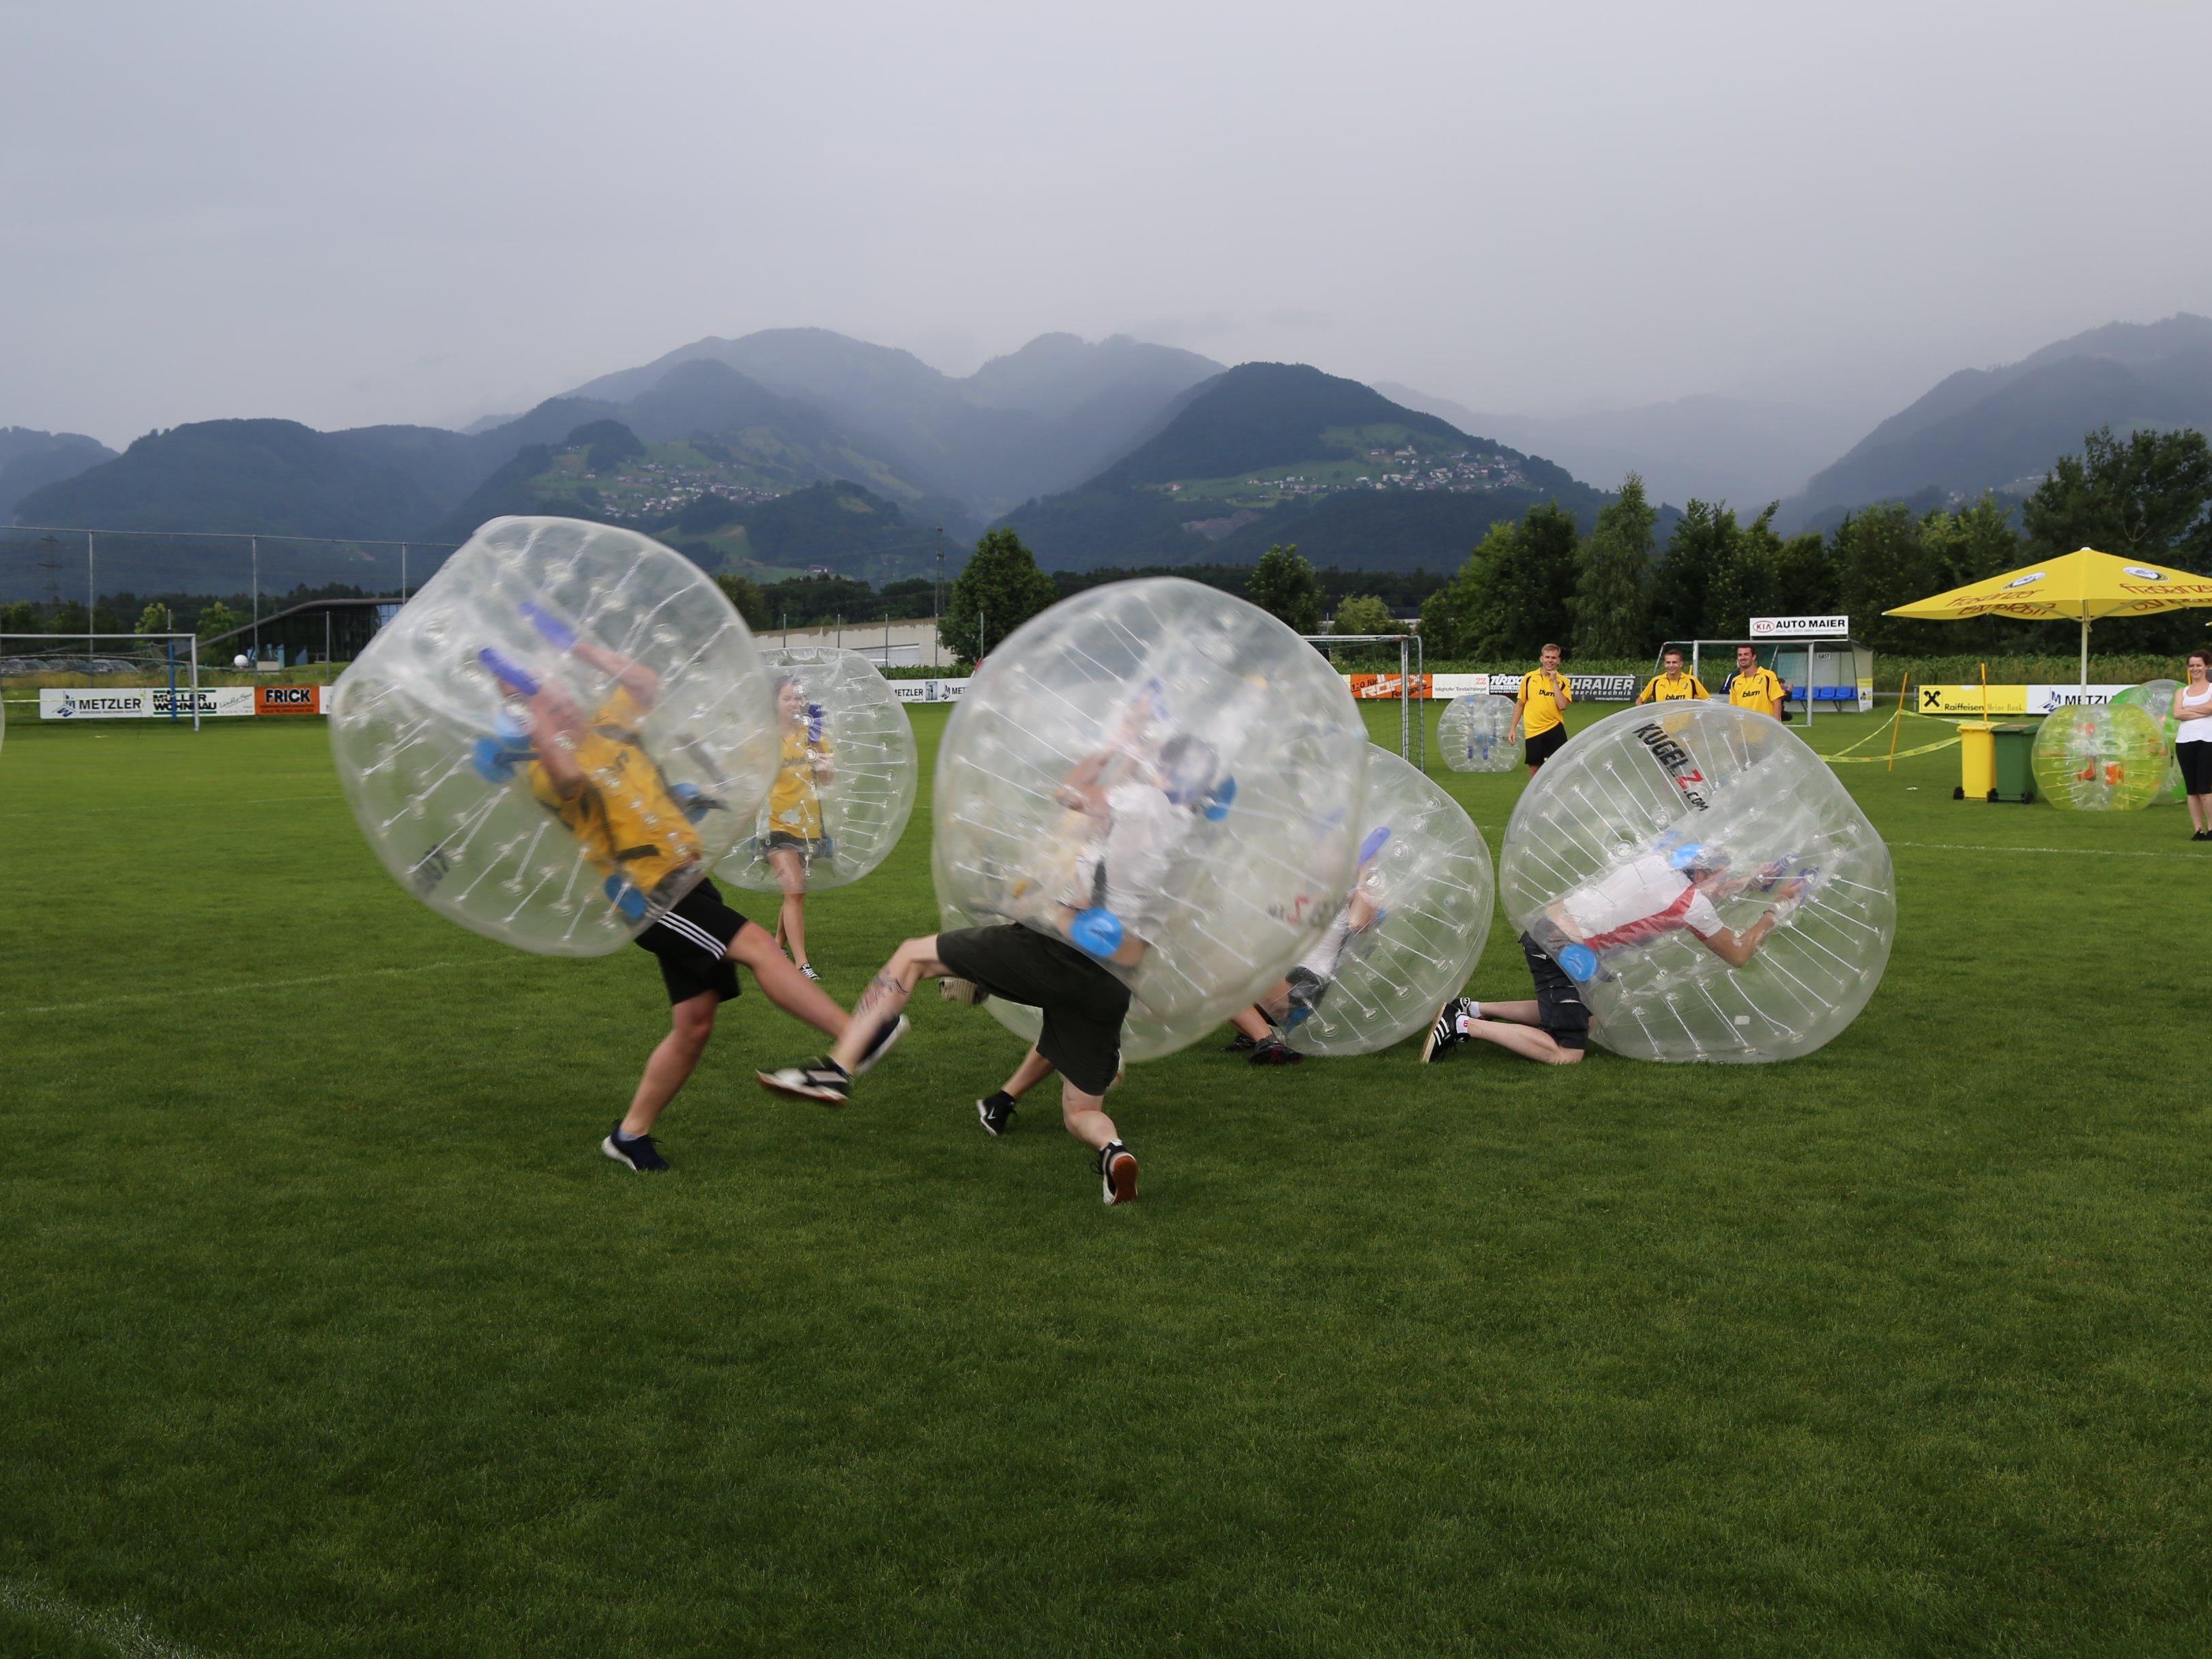 Kugel trifft auf Kugel mit einem lauten Knall. Das Bubble-Event in Brederis wurde groß gefeiert.